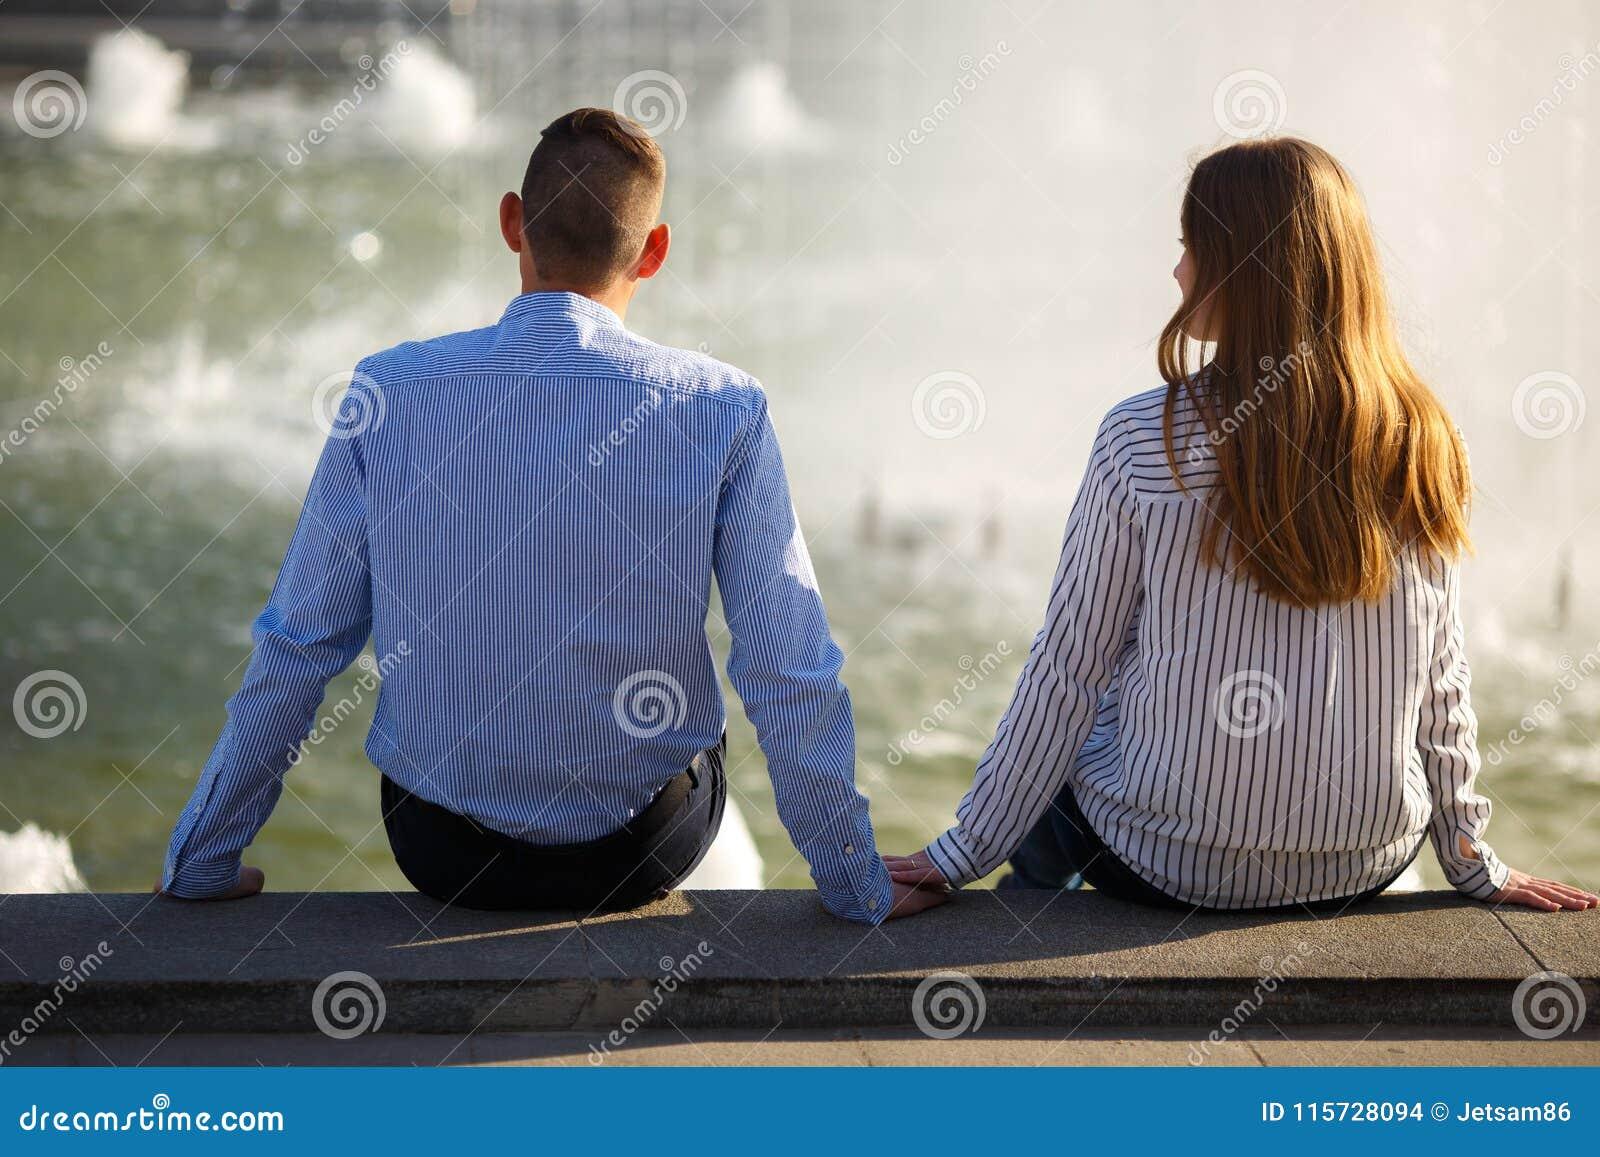 Freundfall in Liebe Junge schüchterne Leute, die nahe Brunnen hol sitzen